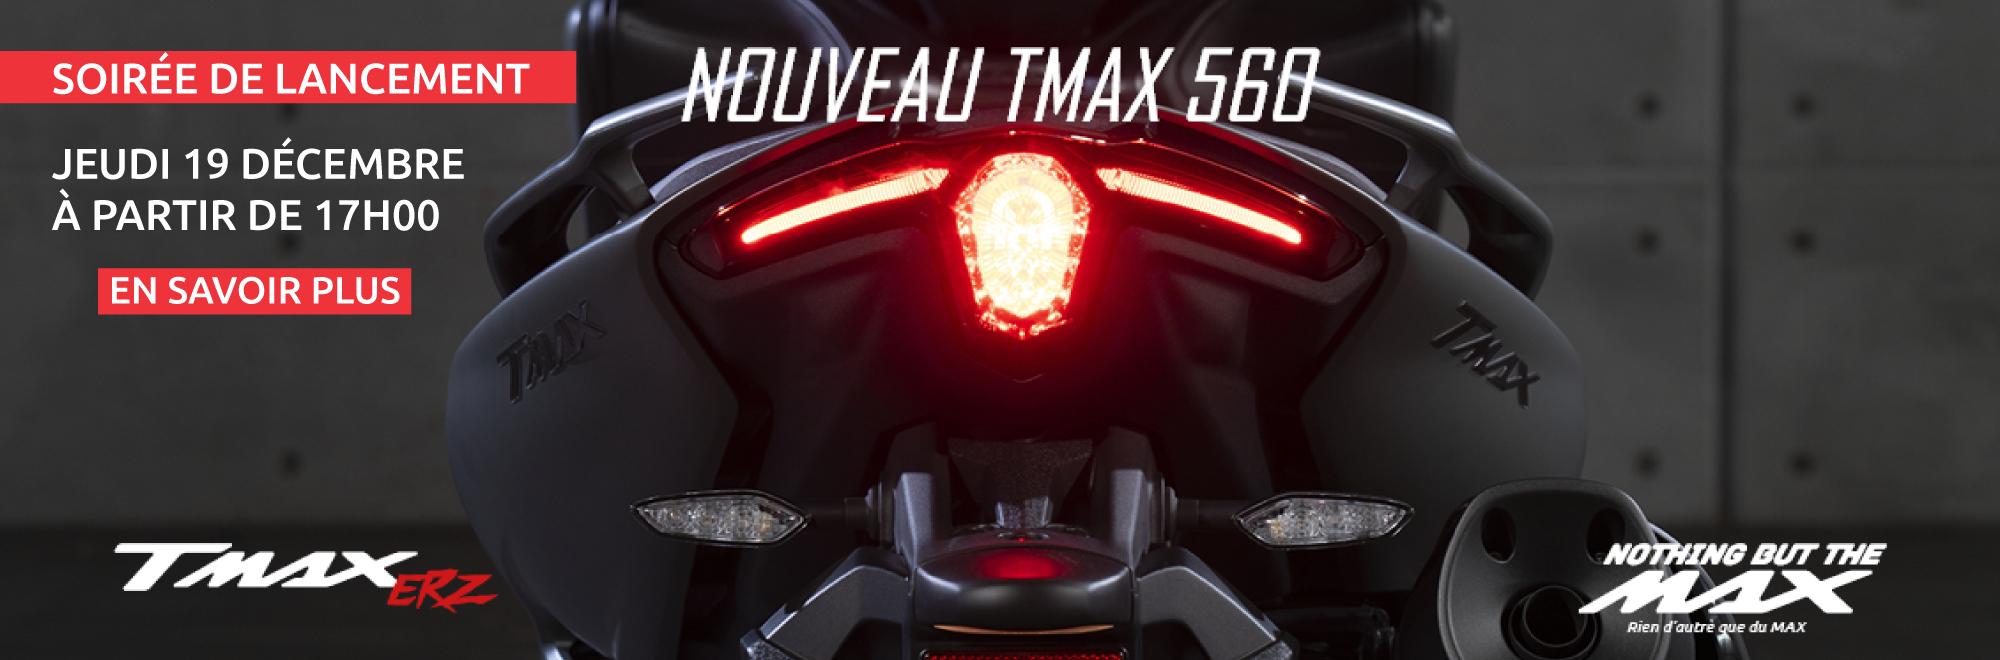 SOIRÉE LANCEMENT TMAX 560